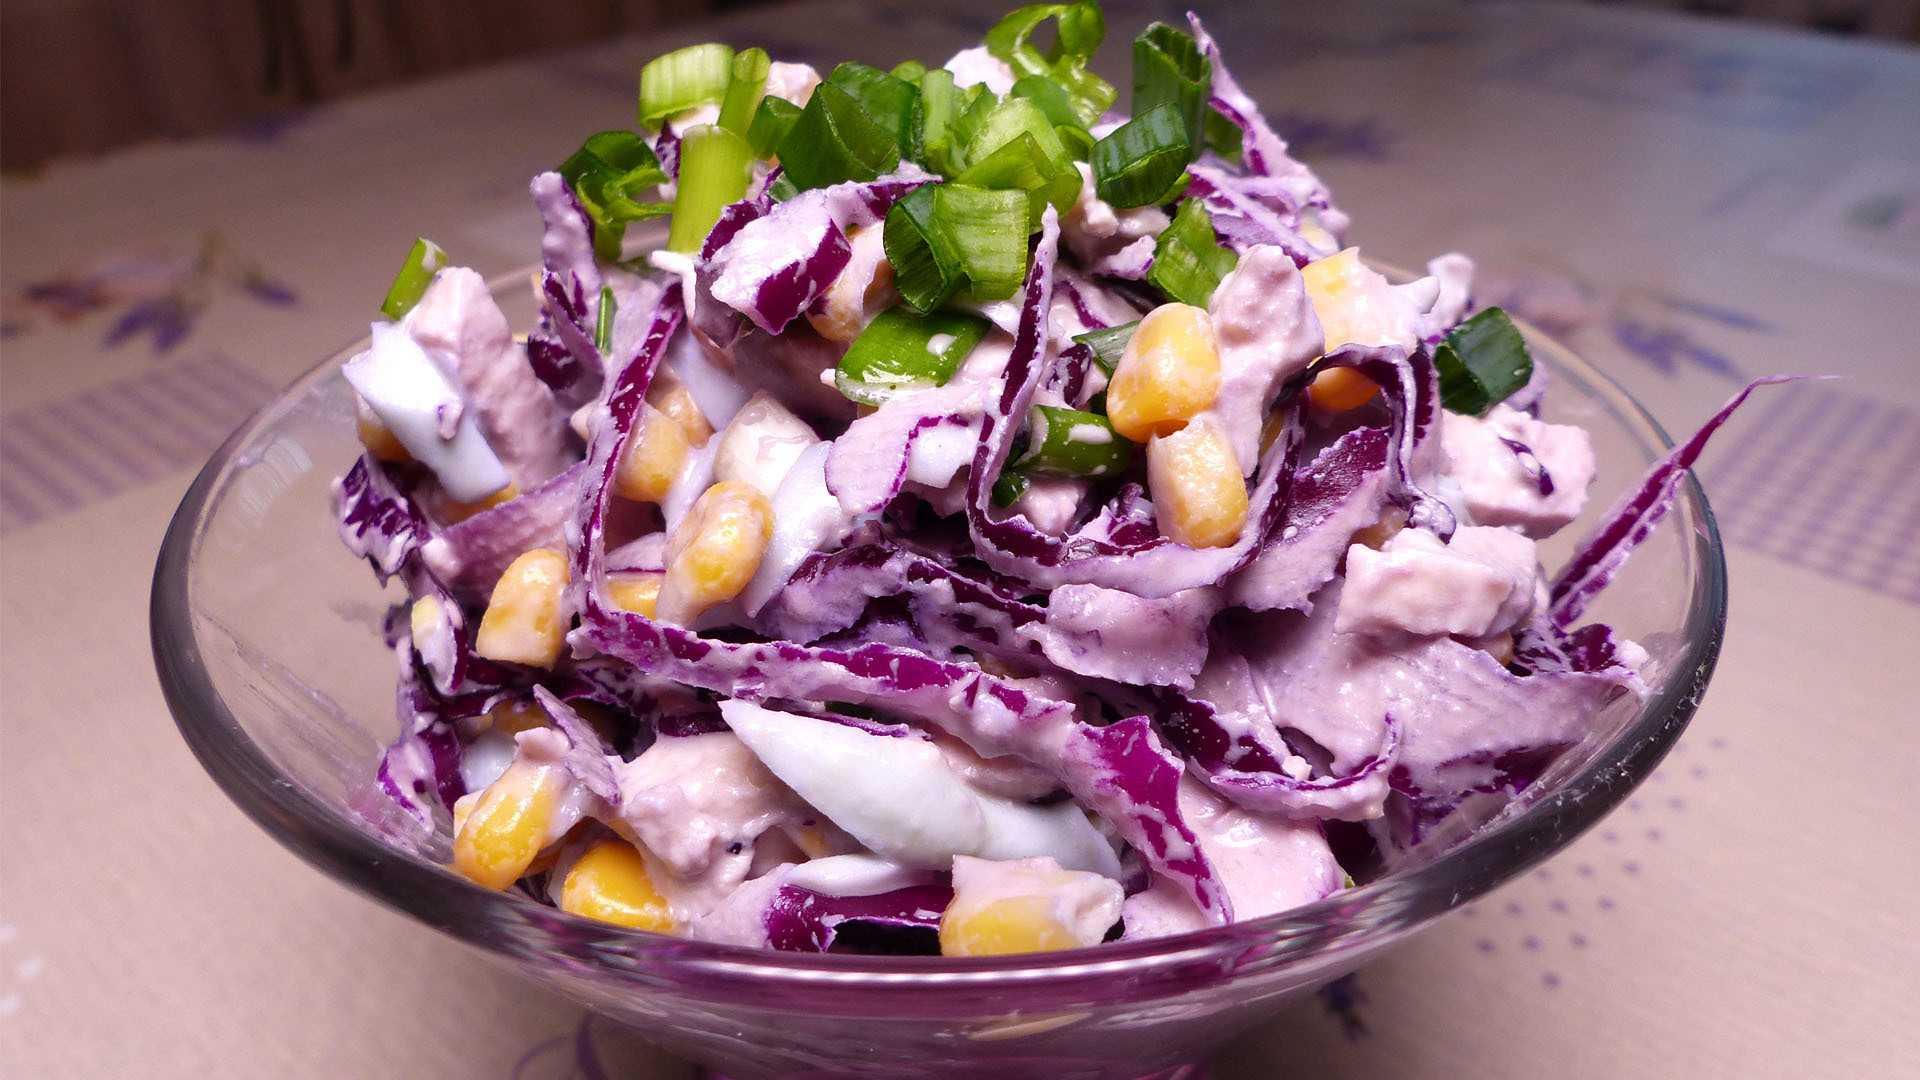 Рецепт салат фиалка. калорийность, химический состав и пищевая ценность.